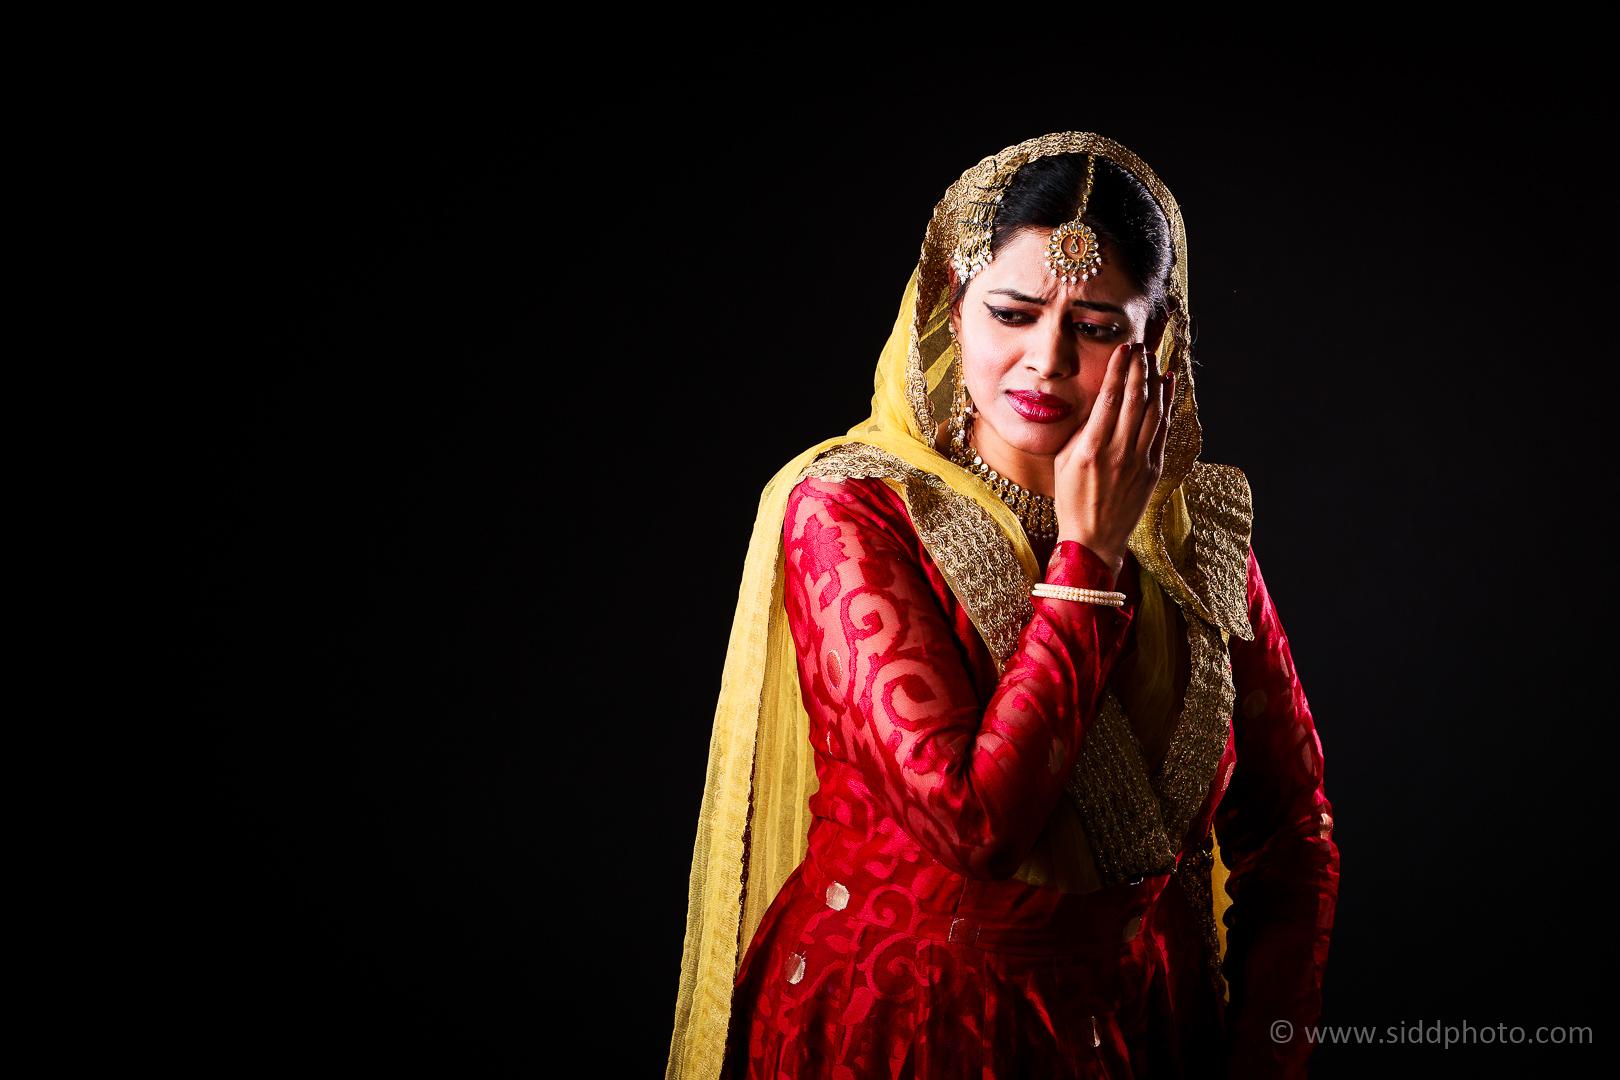 2012-04-21 - Antara Dutta Katthak Photoshoot - EO5C9919-13